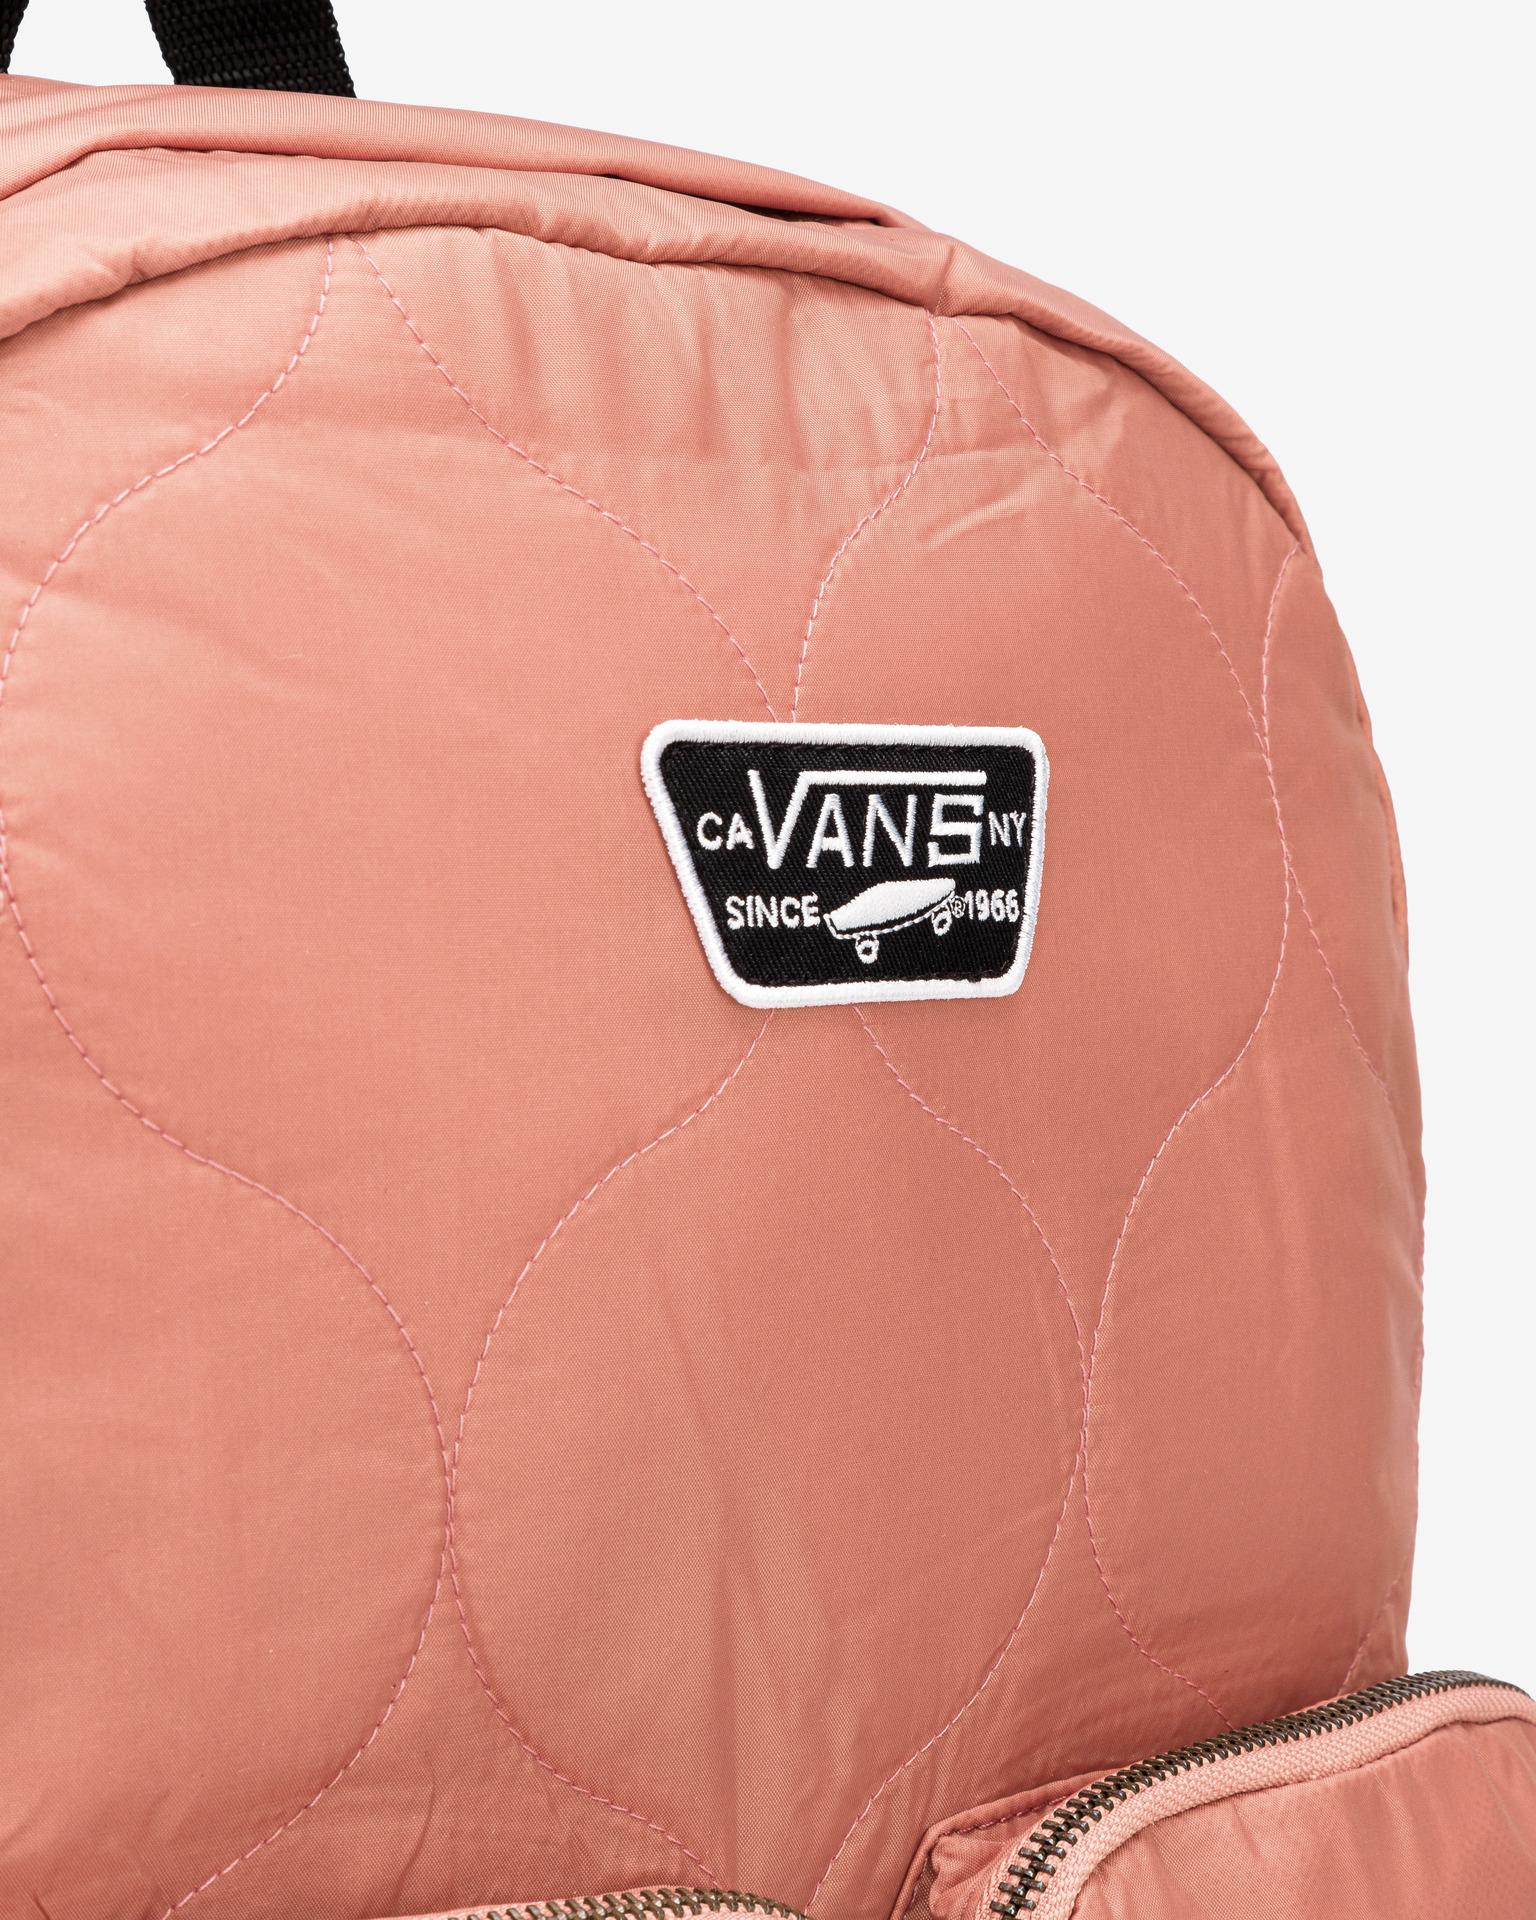 Vans różowy plecak Long Haul